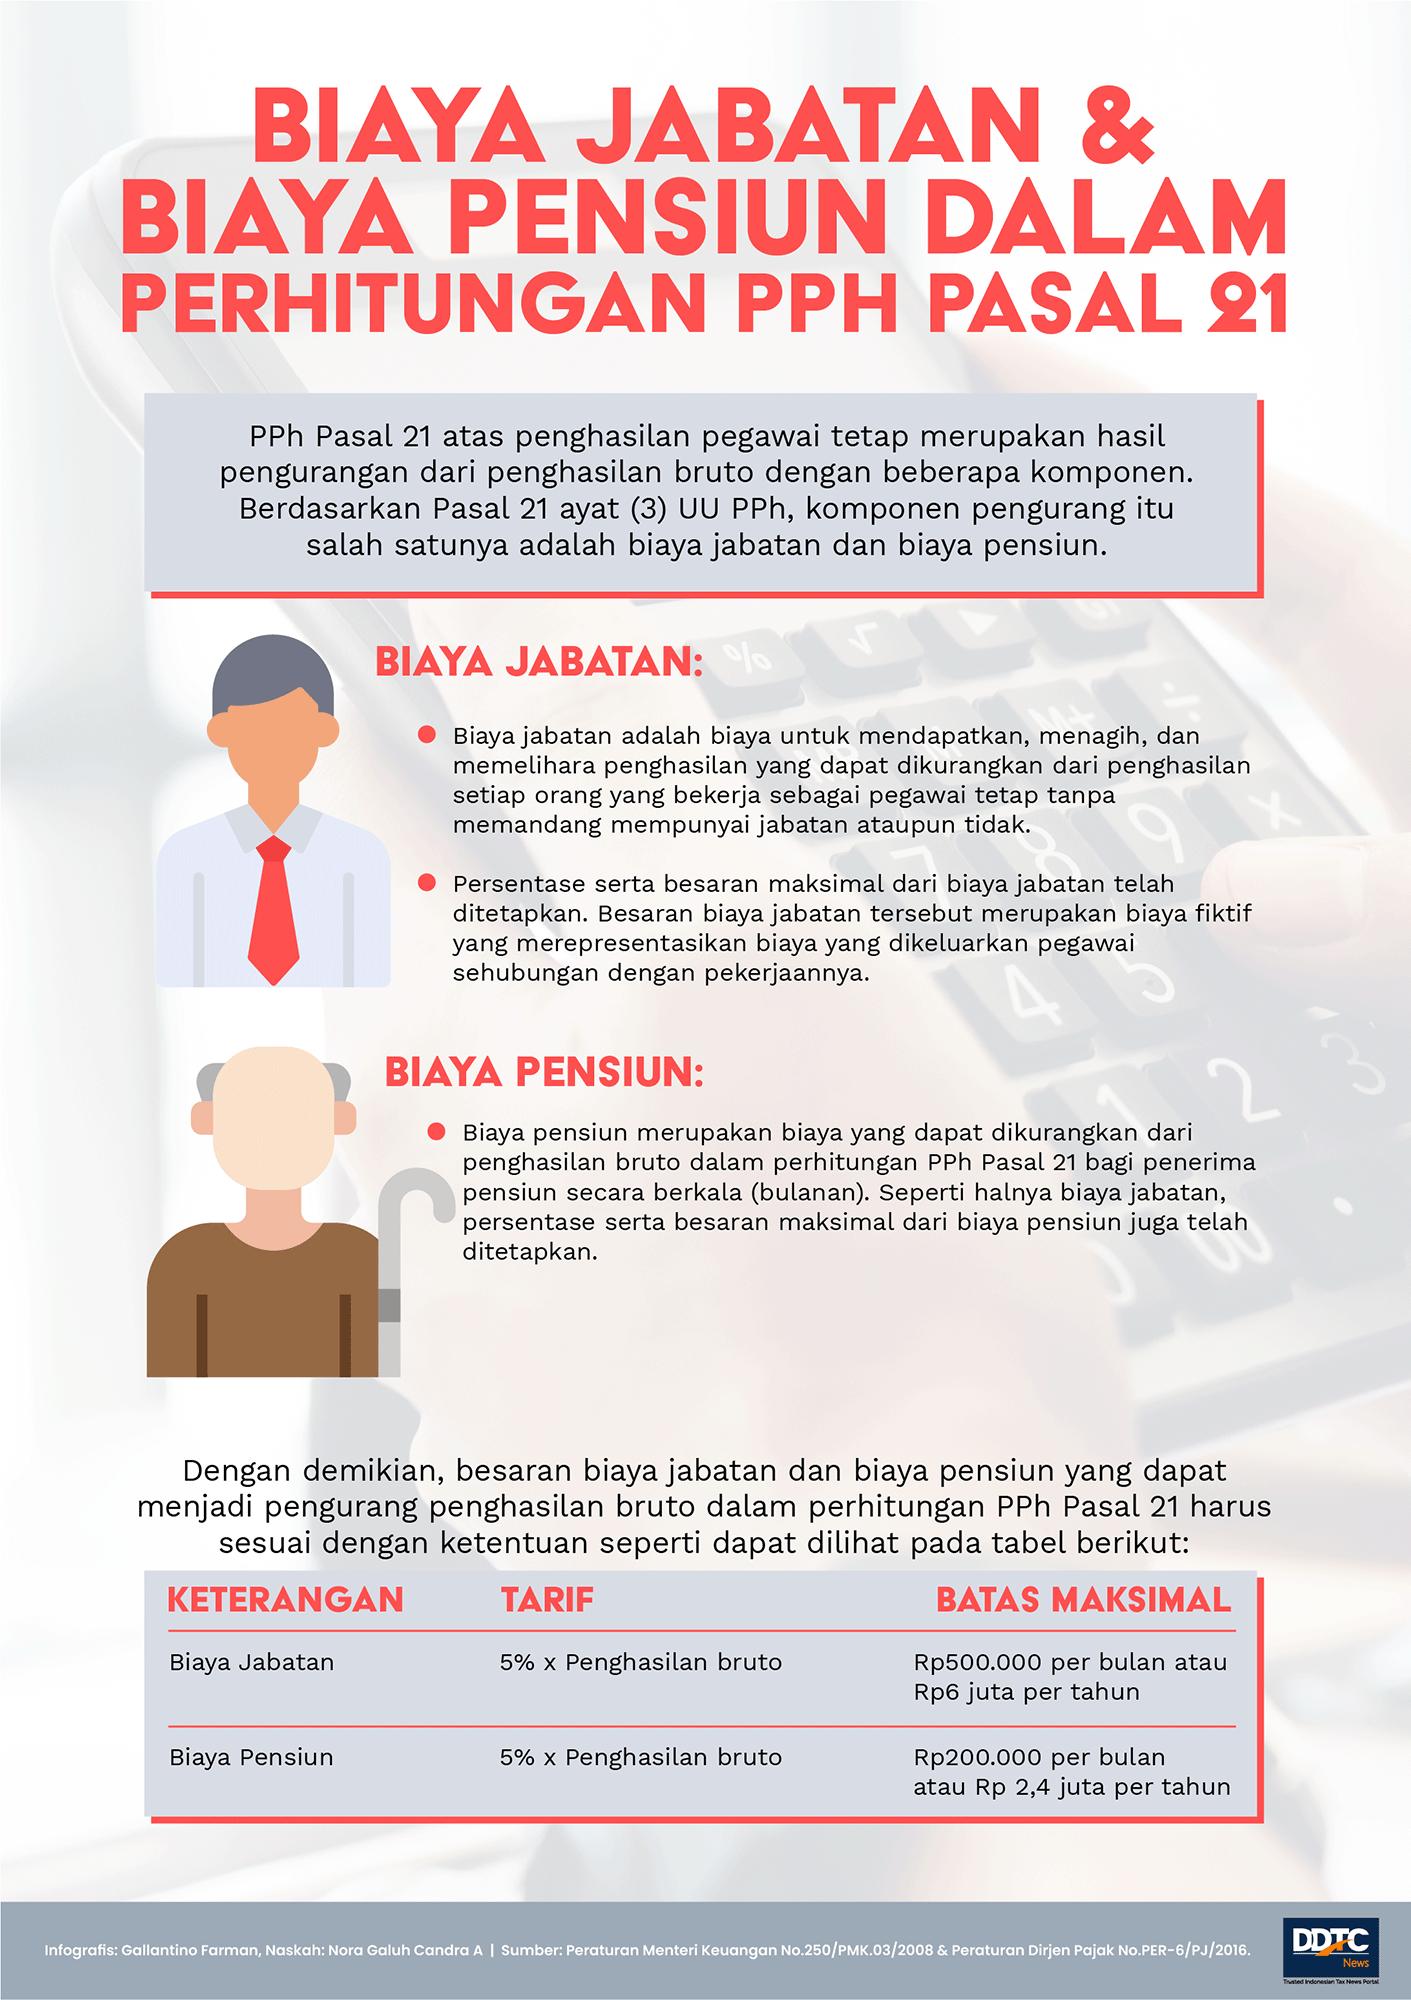 Biaya Jabatan dan Pensiun dalam Penghitungan PPh Pasal 21